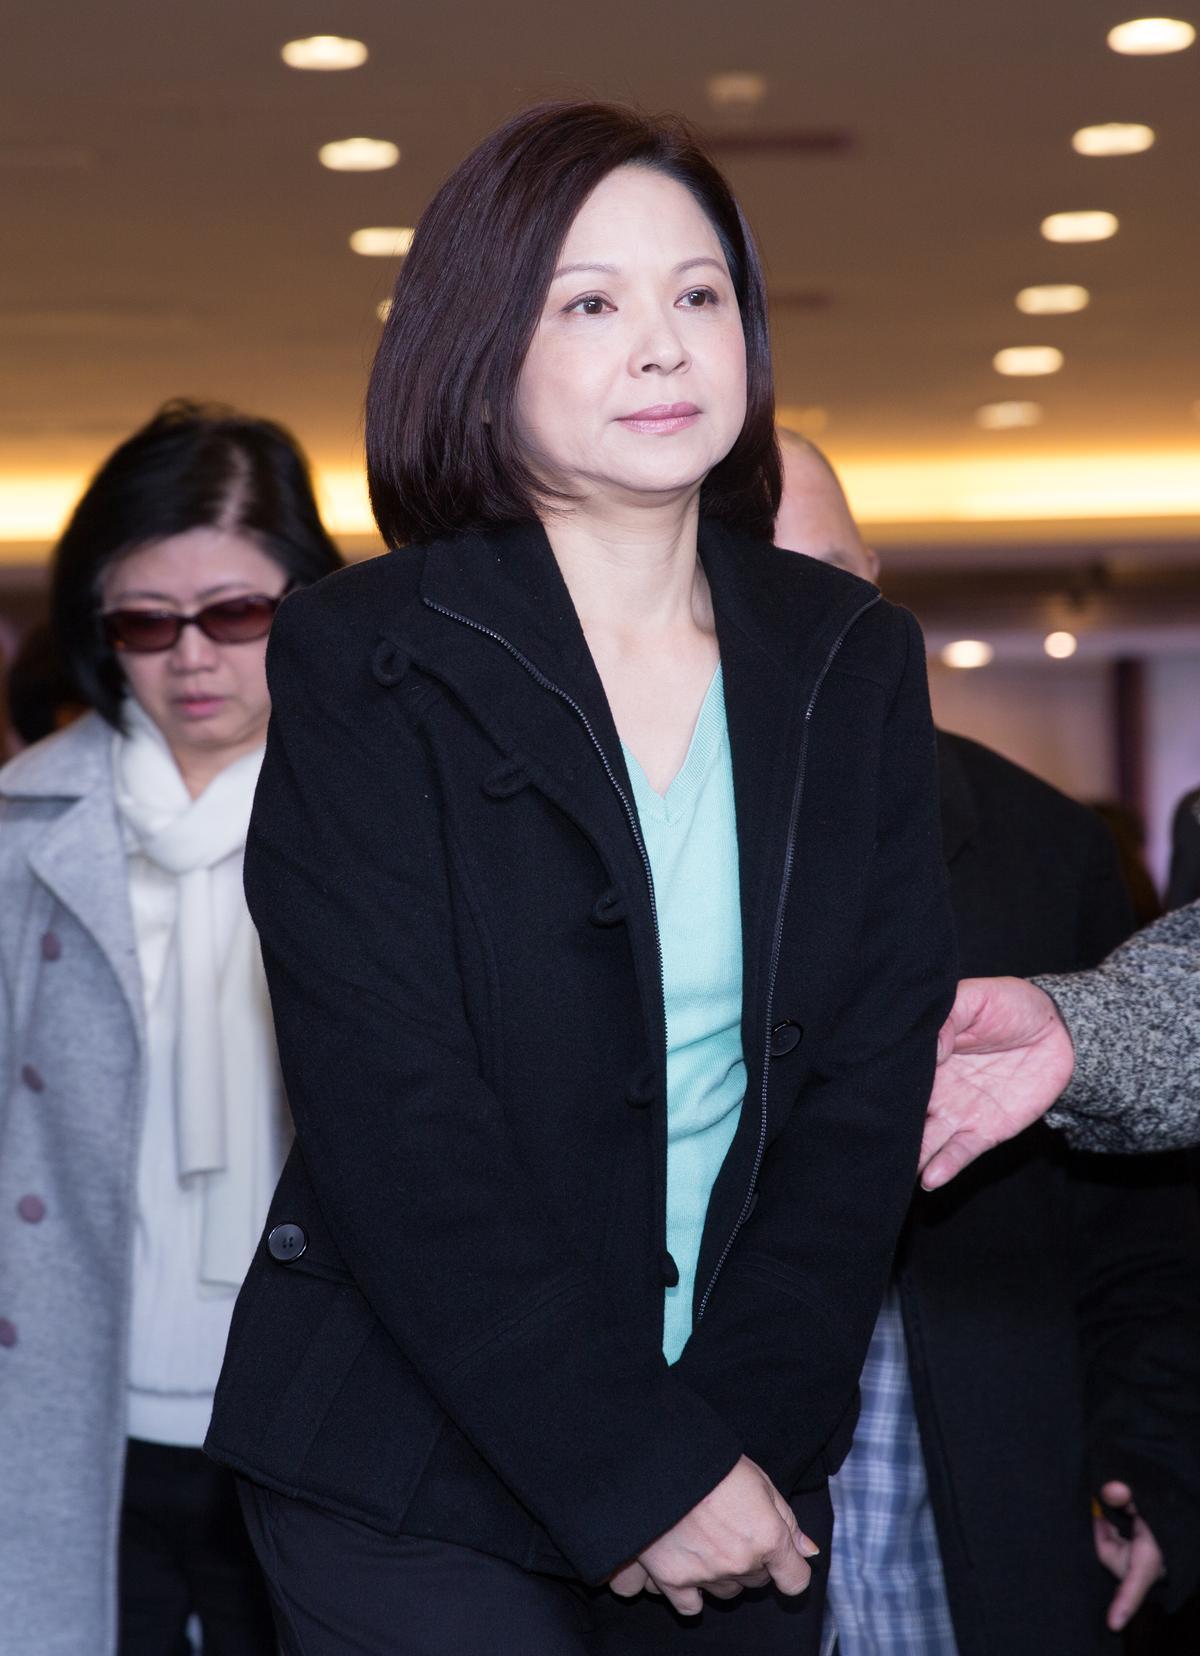 演藝圈資深的楊貴媚出席小明明公祭。